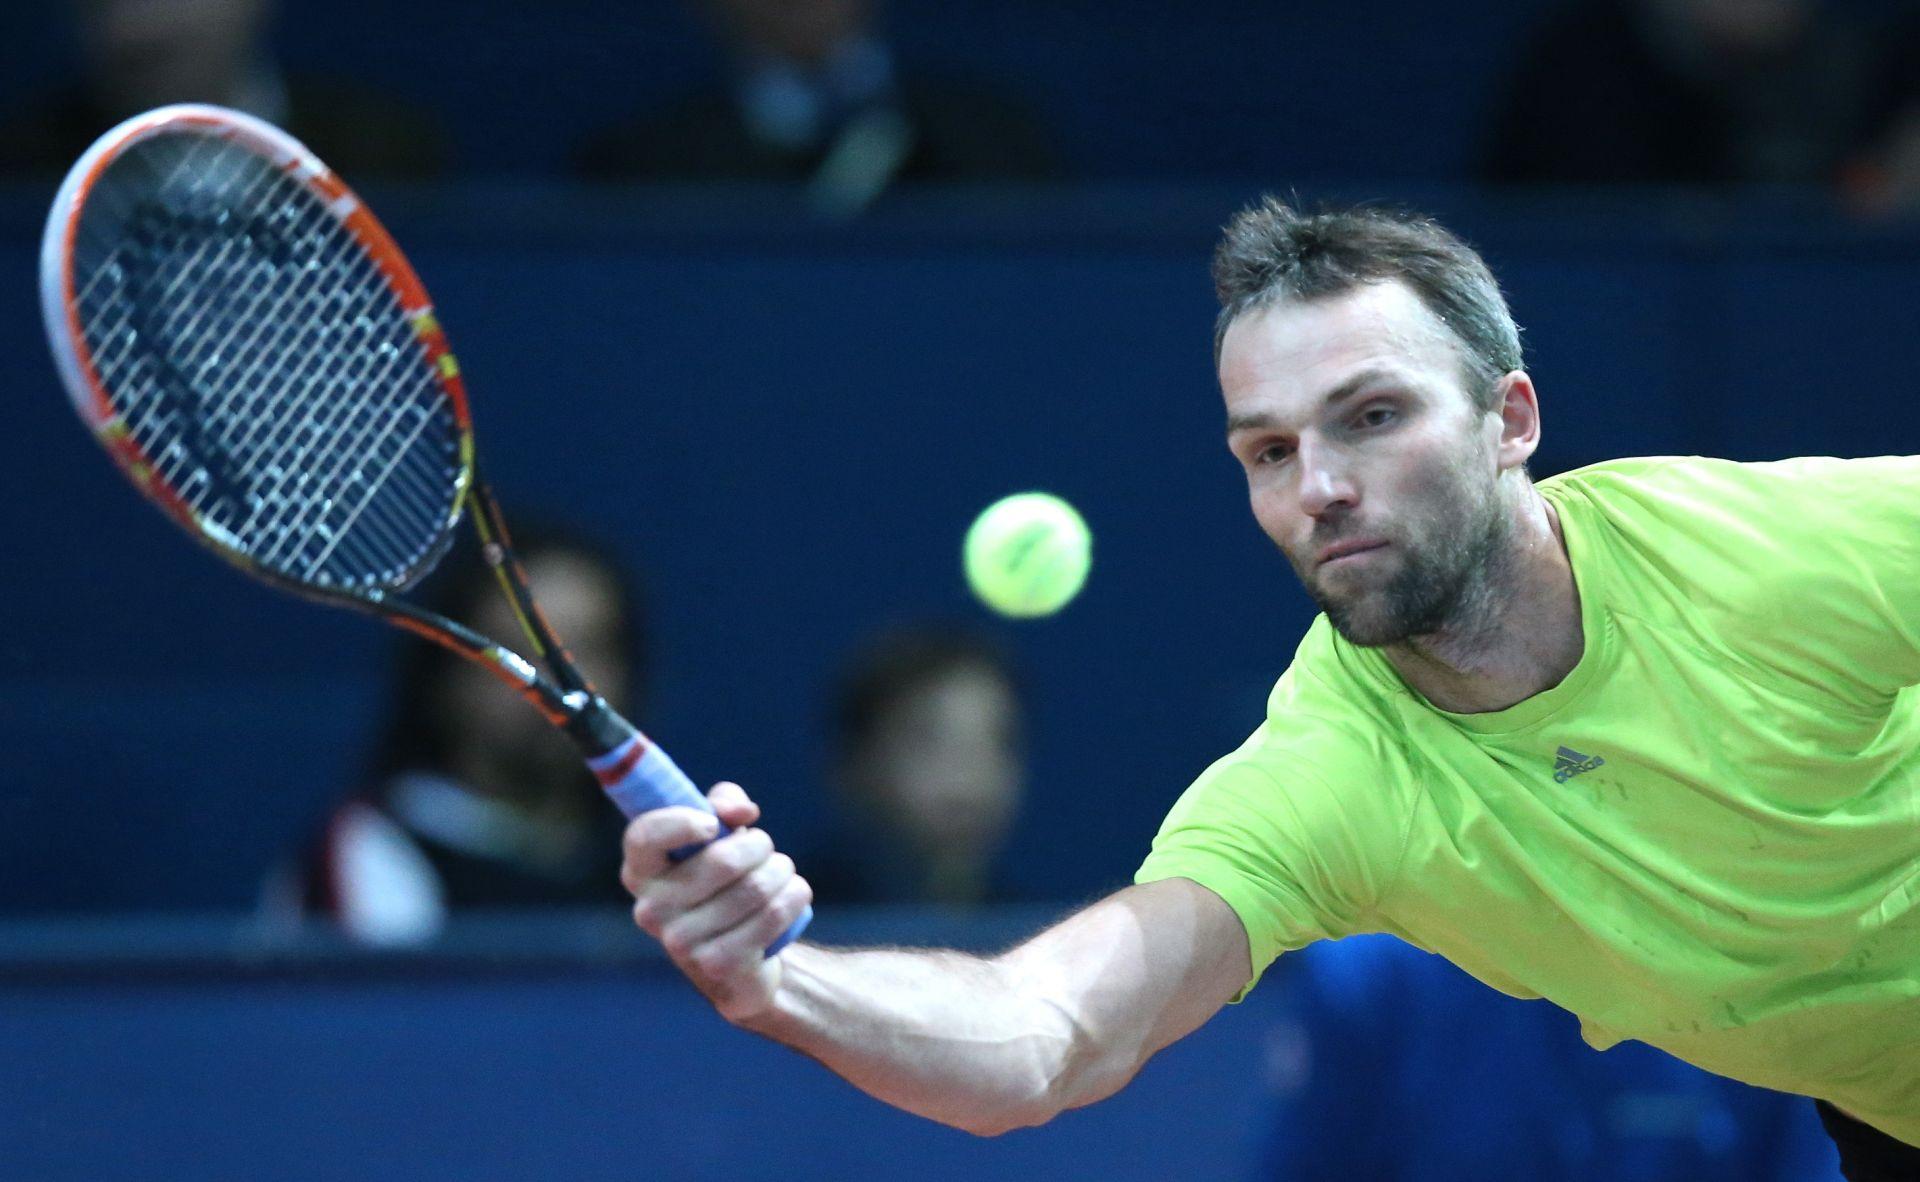 ATP TOKIO Karlović svladao Tipsarevića za četvrtfinale